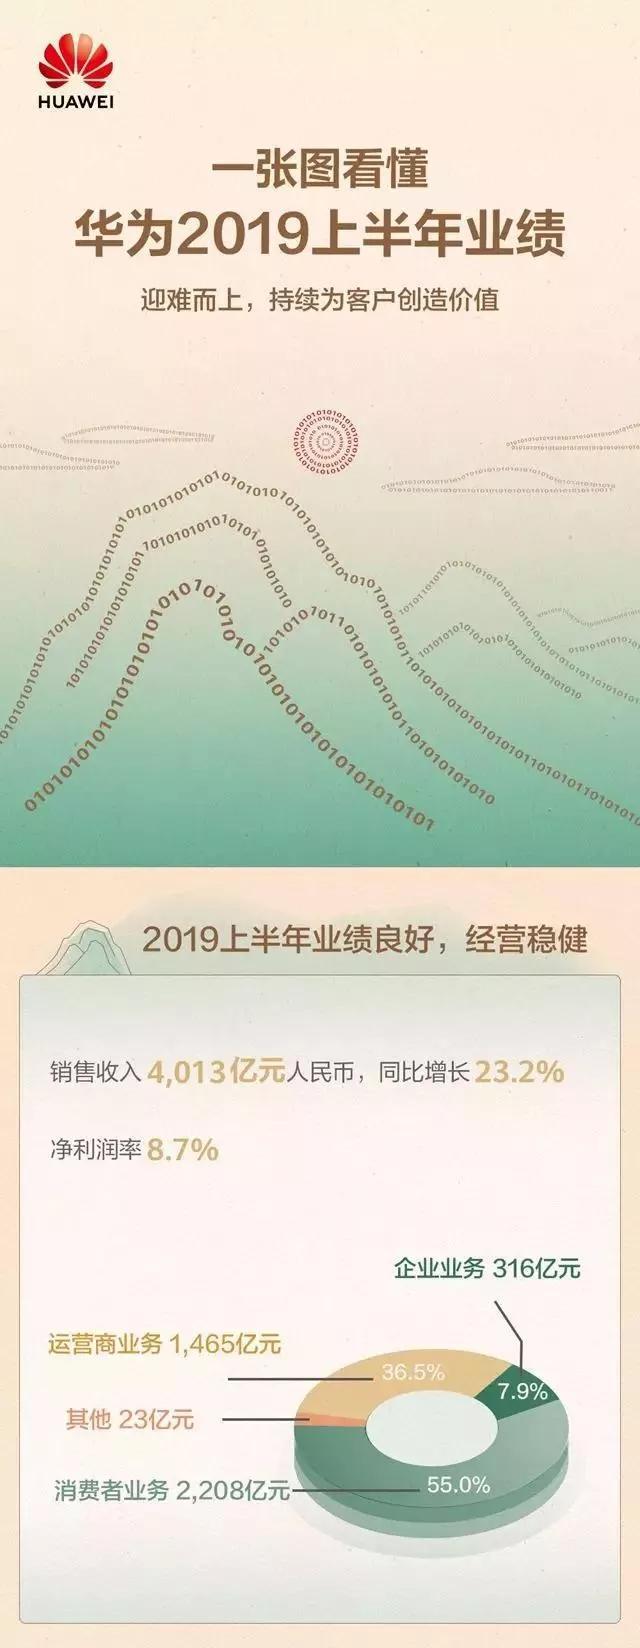 华为上半年营收达4013亿元,逆势增长23.2%